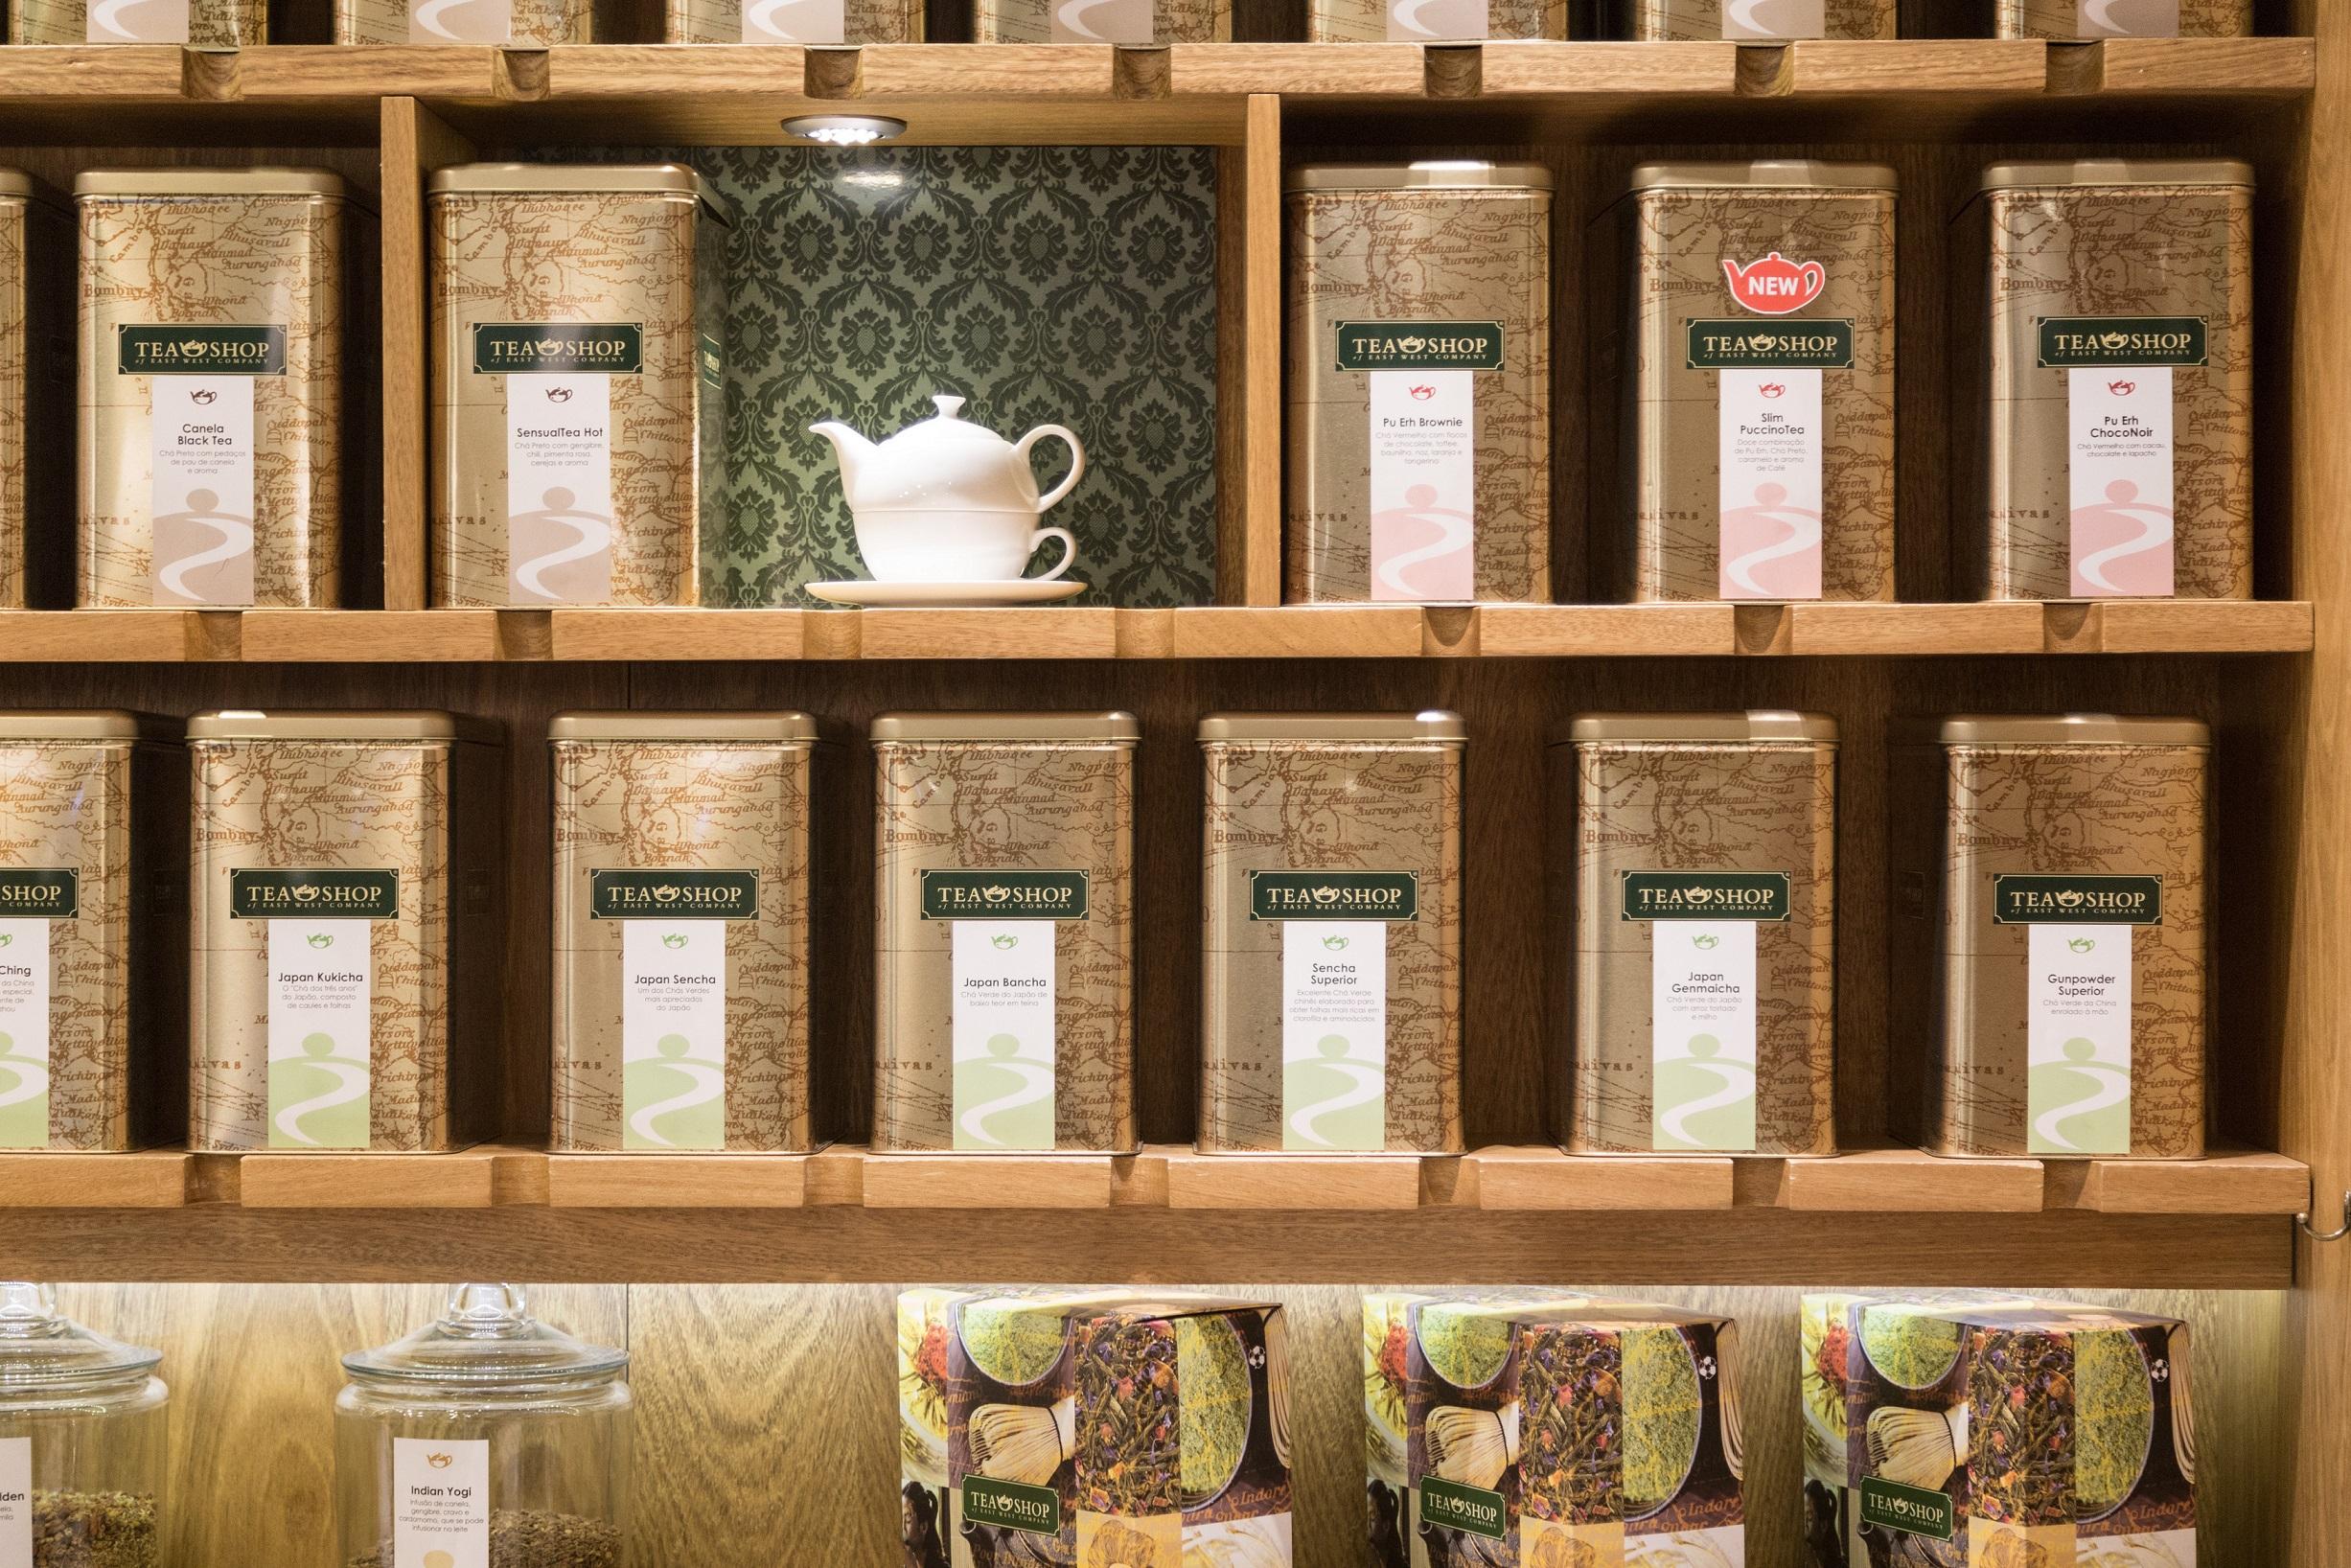 A loja tem mais de 130 mesclas, desenvolvidas em laboratórios na Europa a partir de folhas rastreadas.